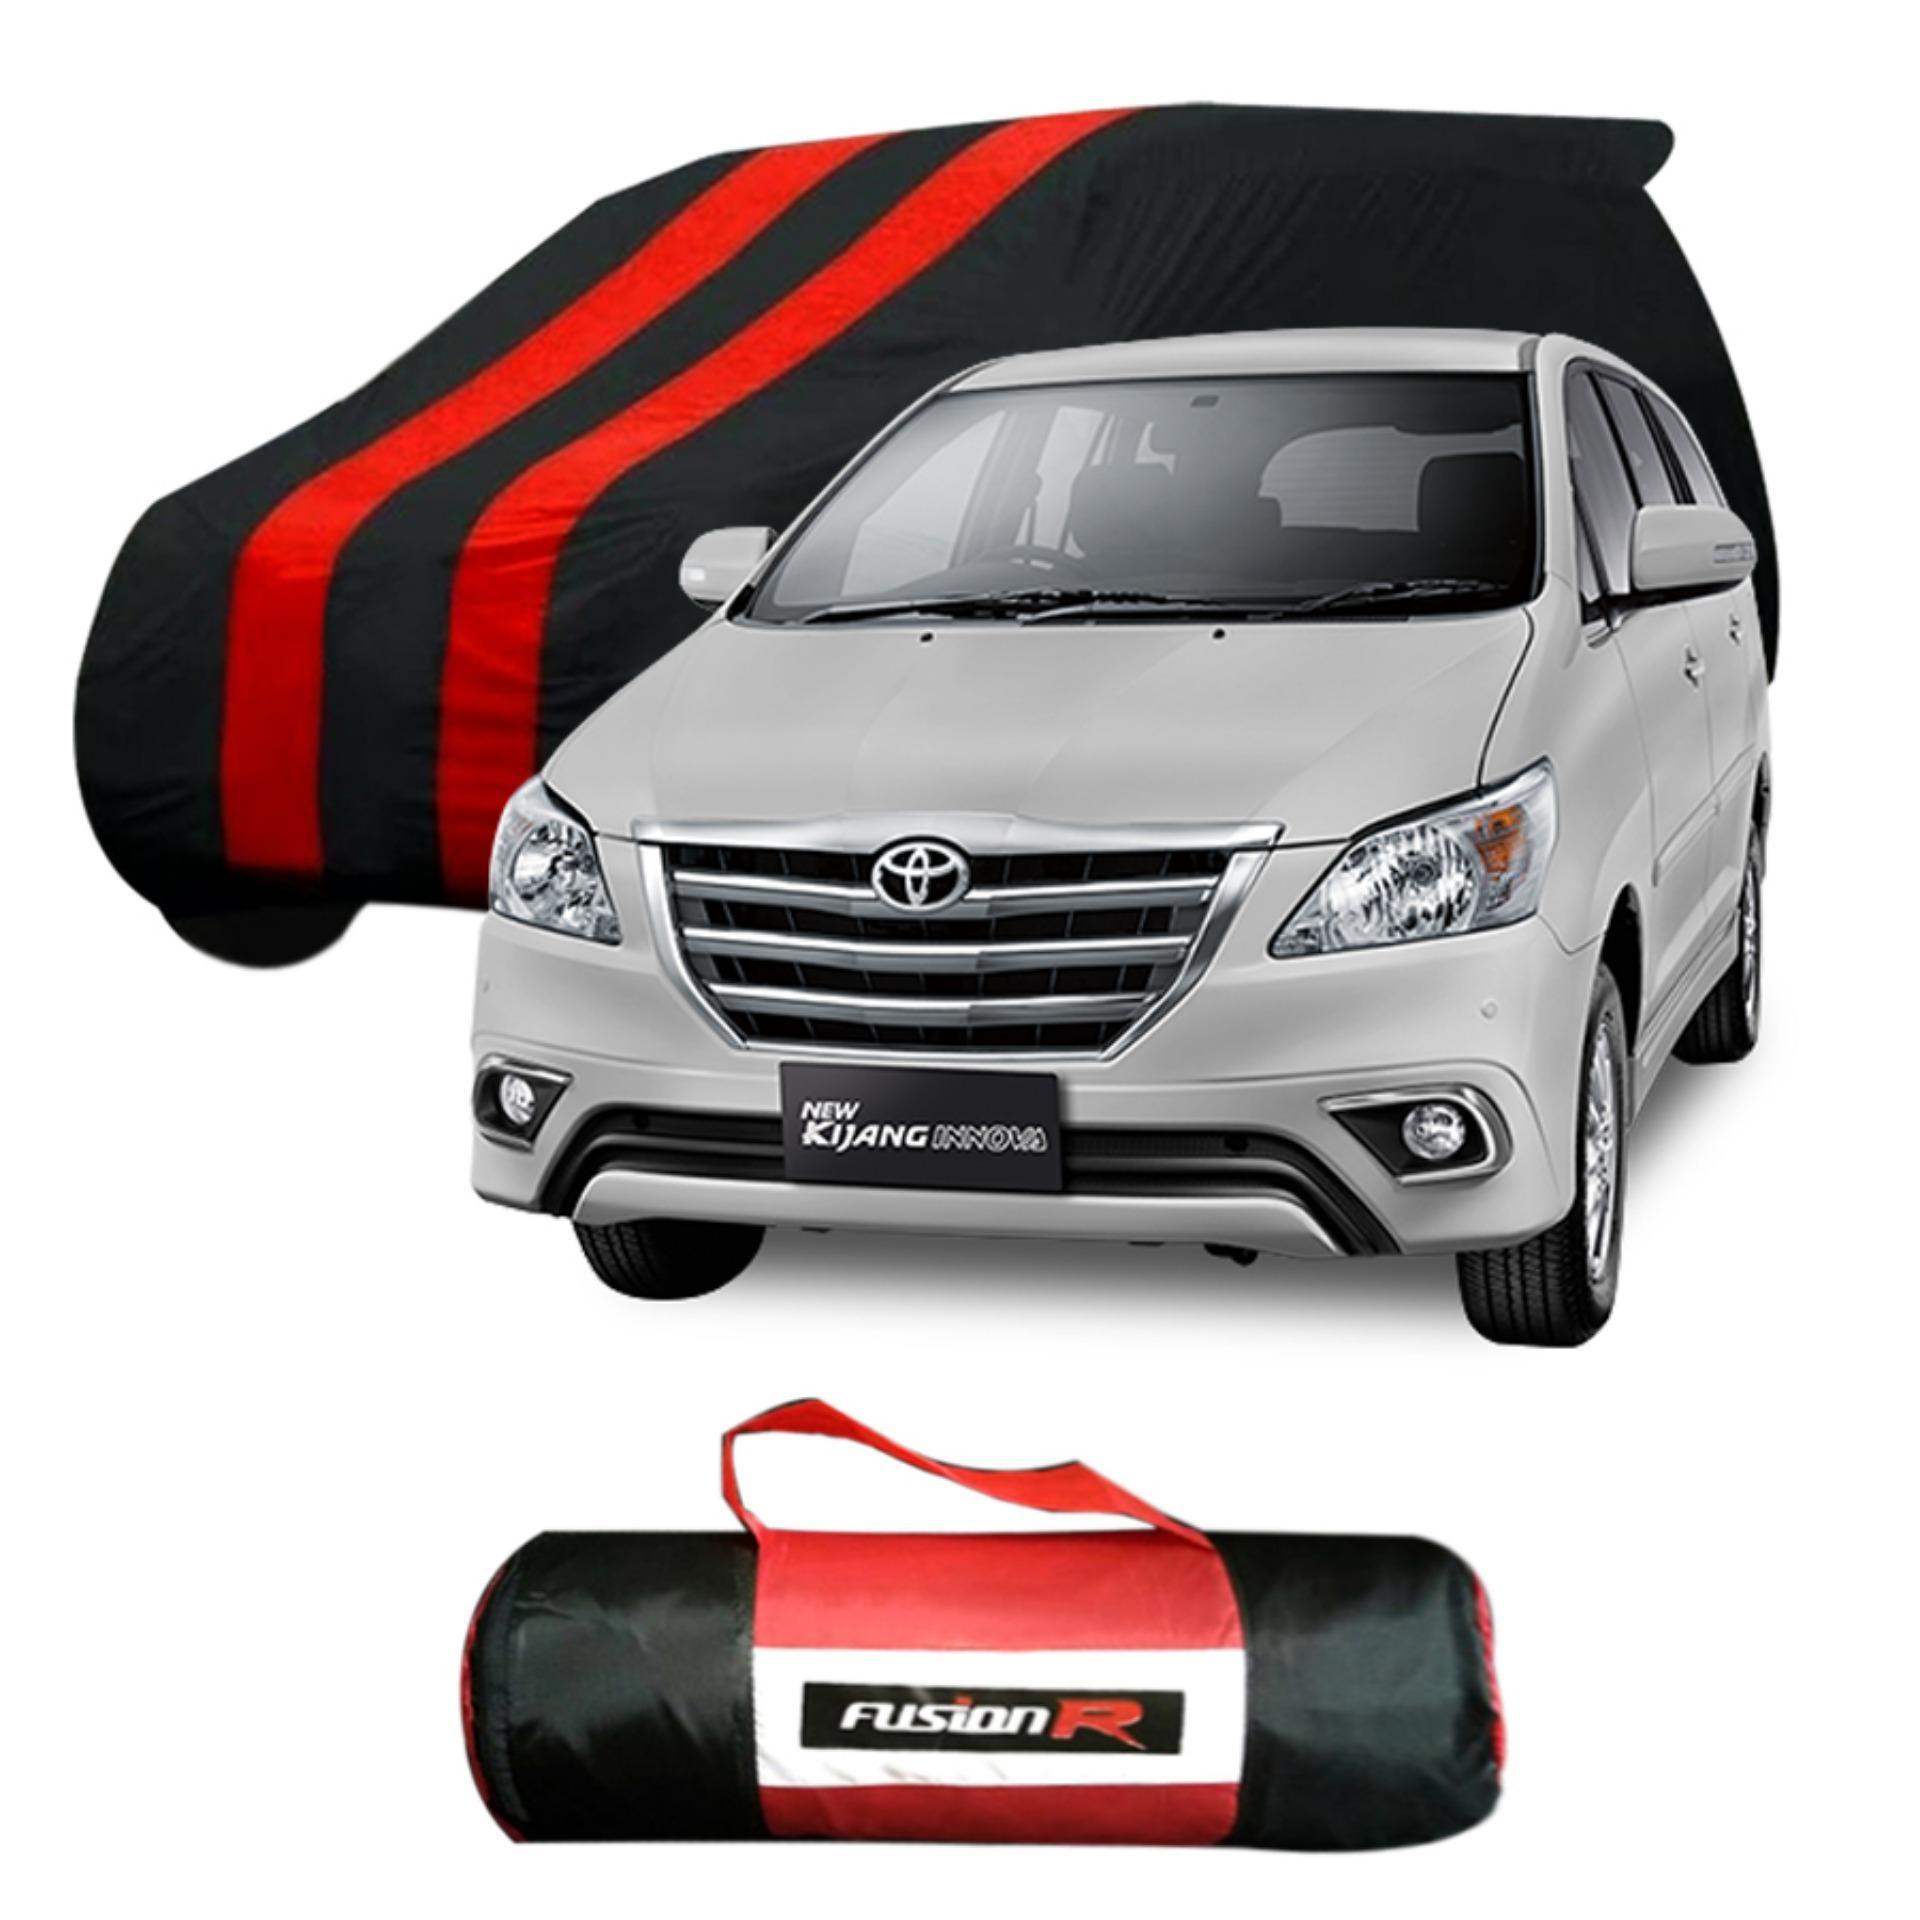 Vanguard Body Cover Penutup Mobil GRAND INNOVA Merah Hitam Waterproof / Sarung Mobil GRAND INNOVA Premium